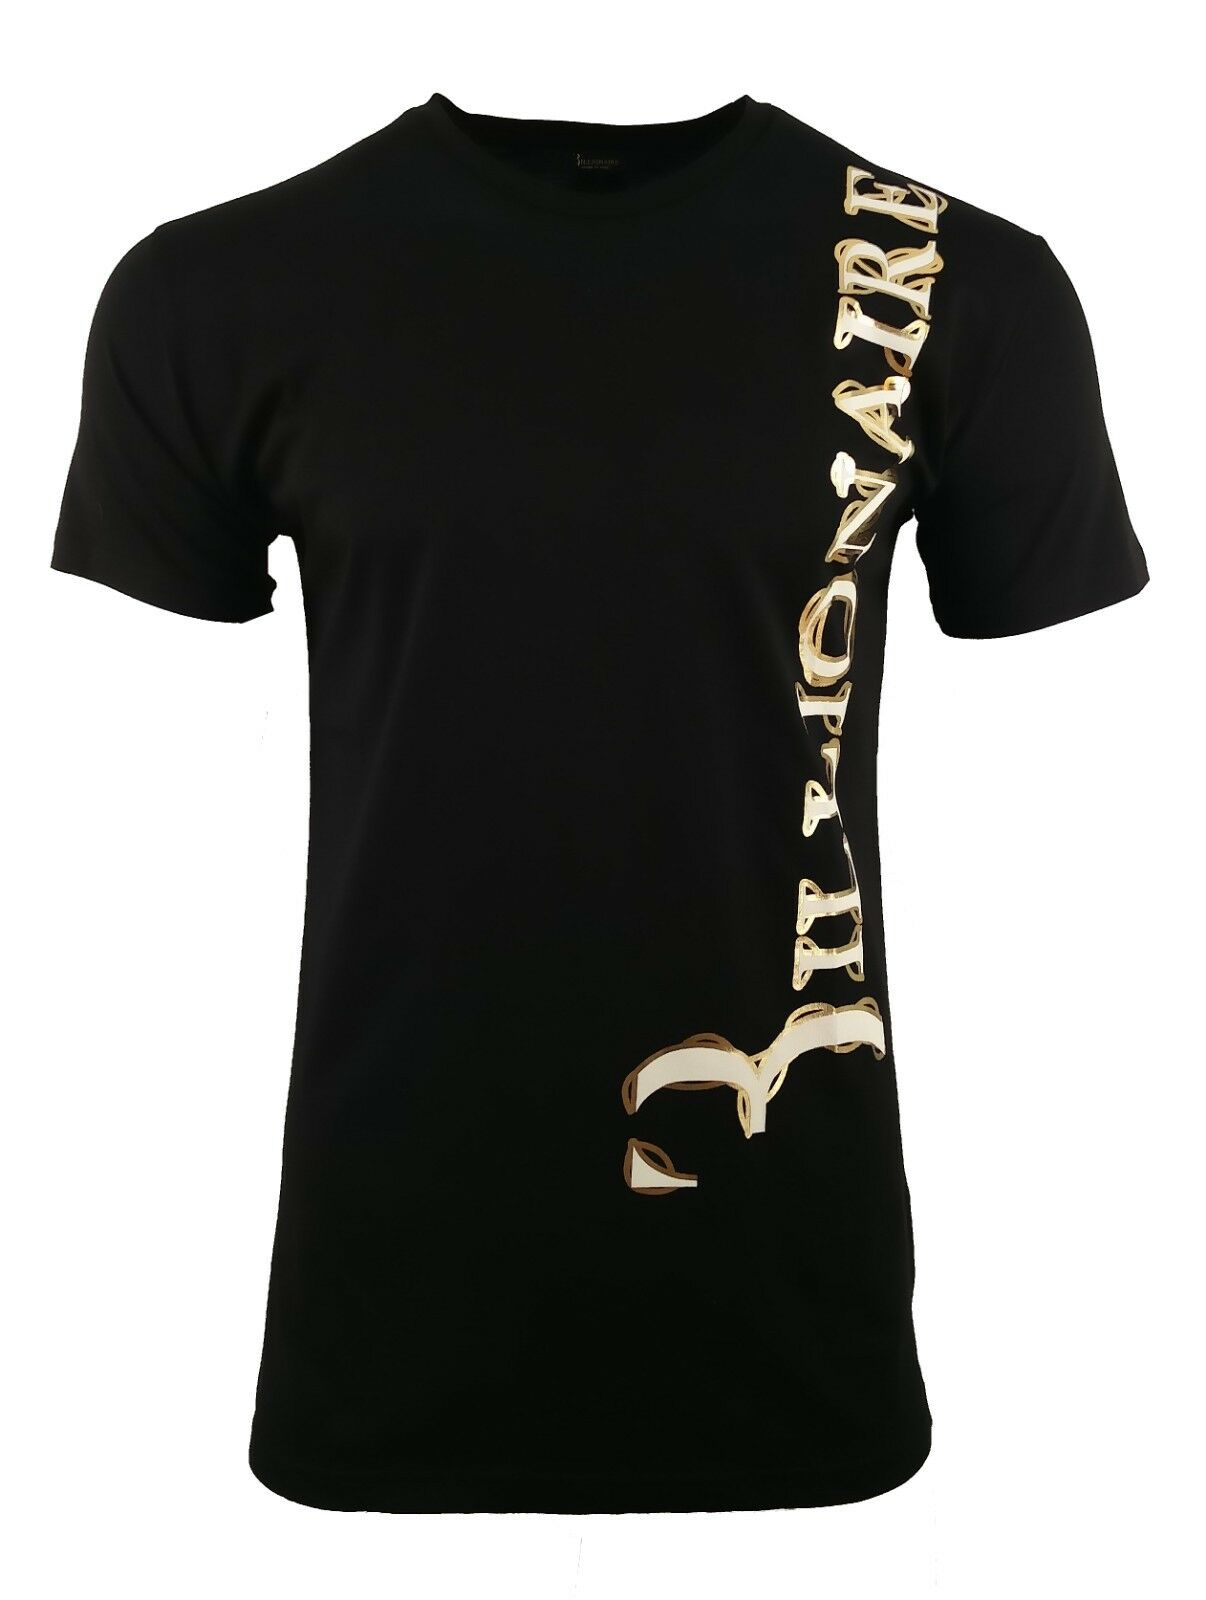 BNWT MILIARDARIO COUTURE  IN OTTONE  T-Shirt Bianco Nero oro Metallizzato Stampa RARA